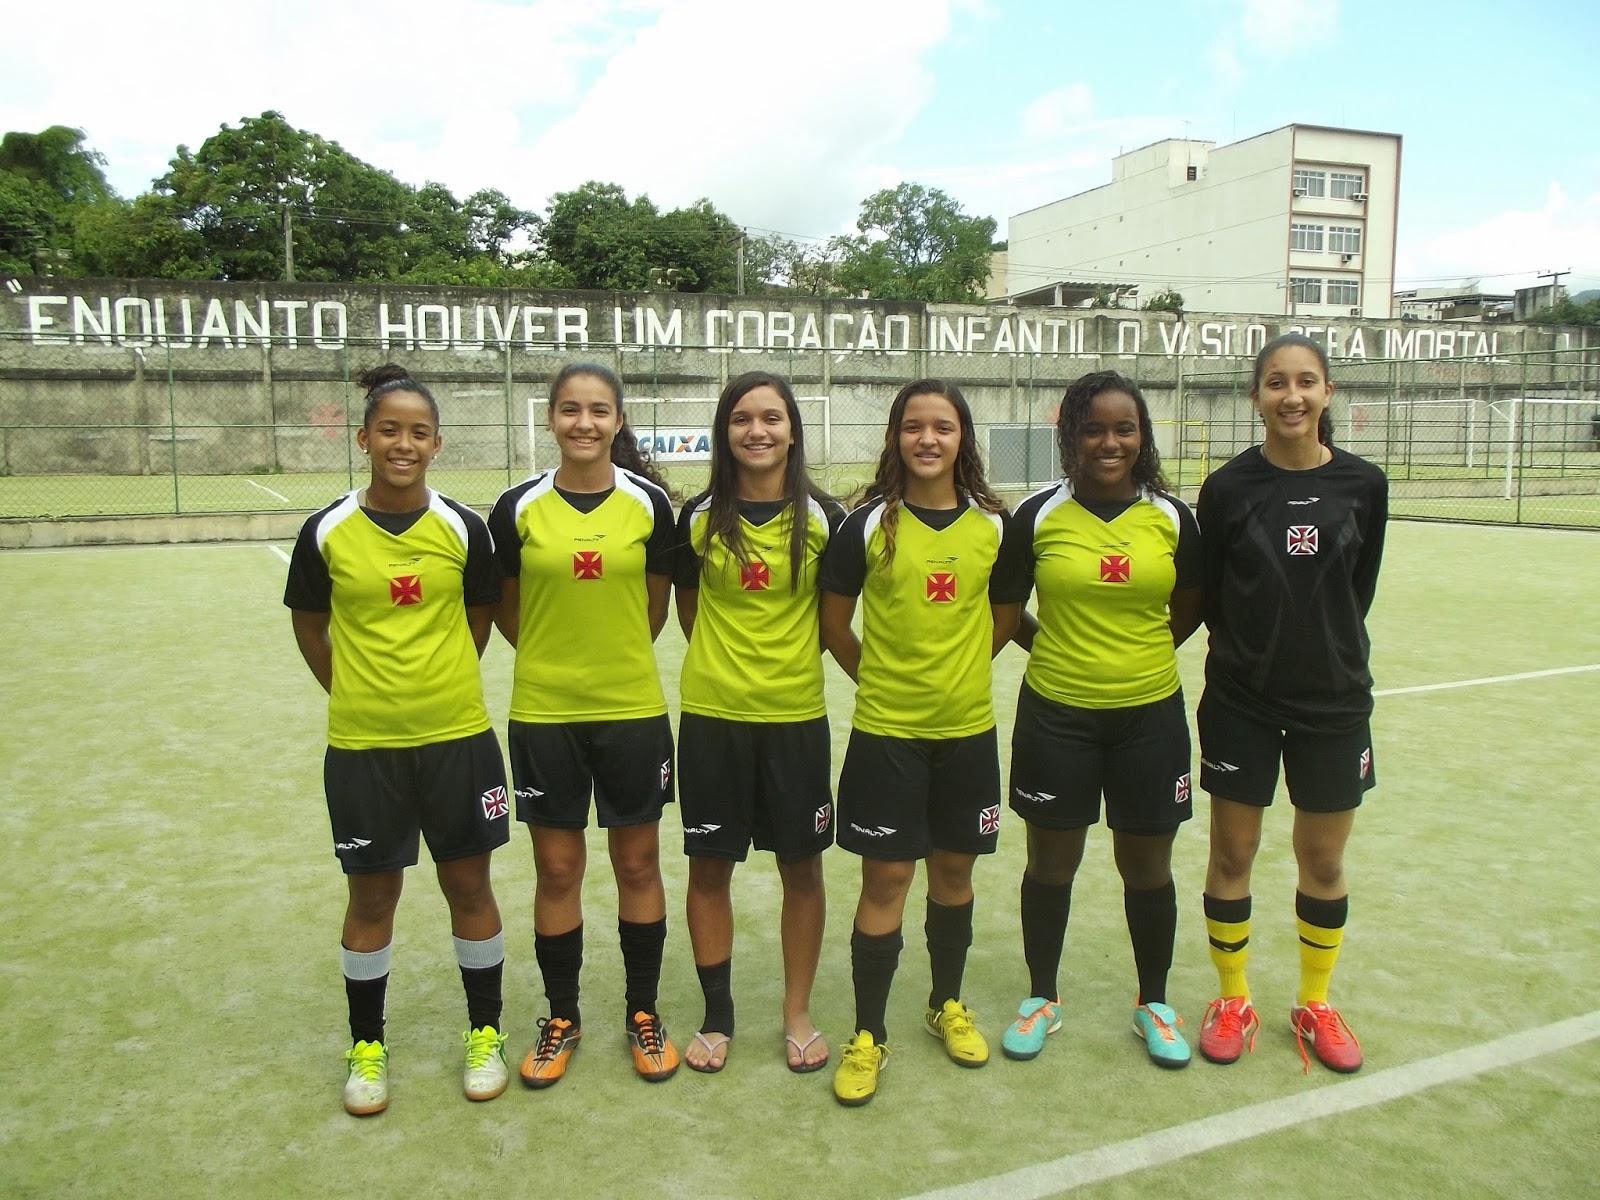 Club de Regatas Vasco da Gama - Futebol Feminino fechou o fim de ... 22f14e6d58fc8